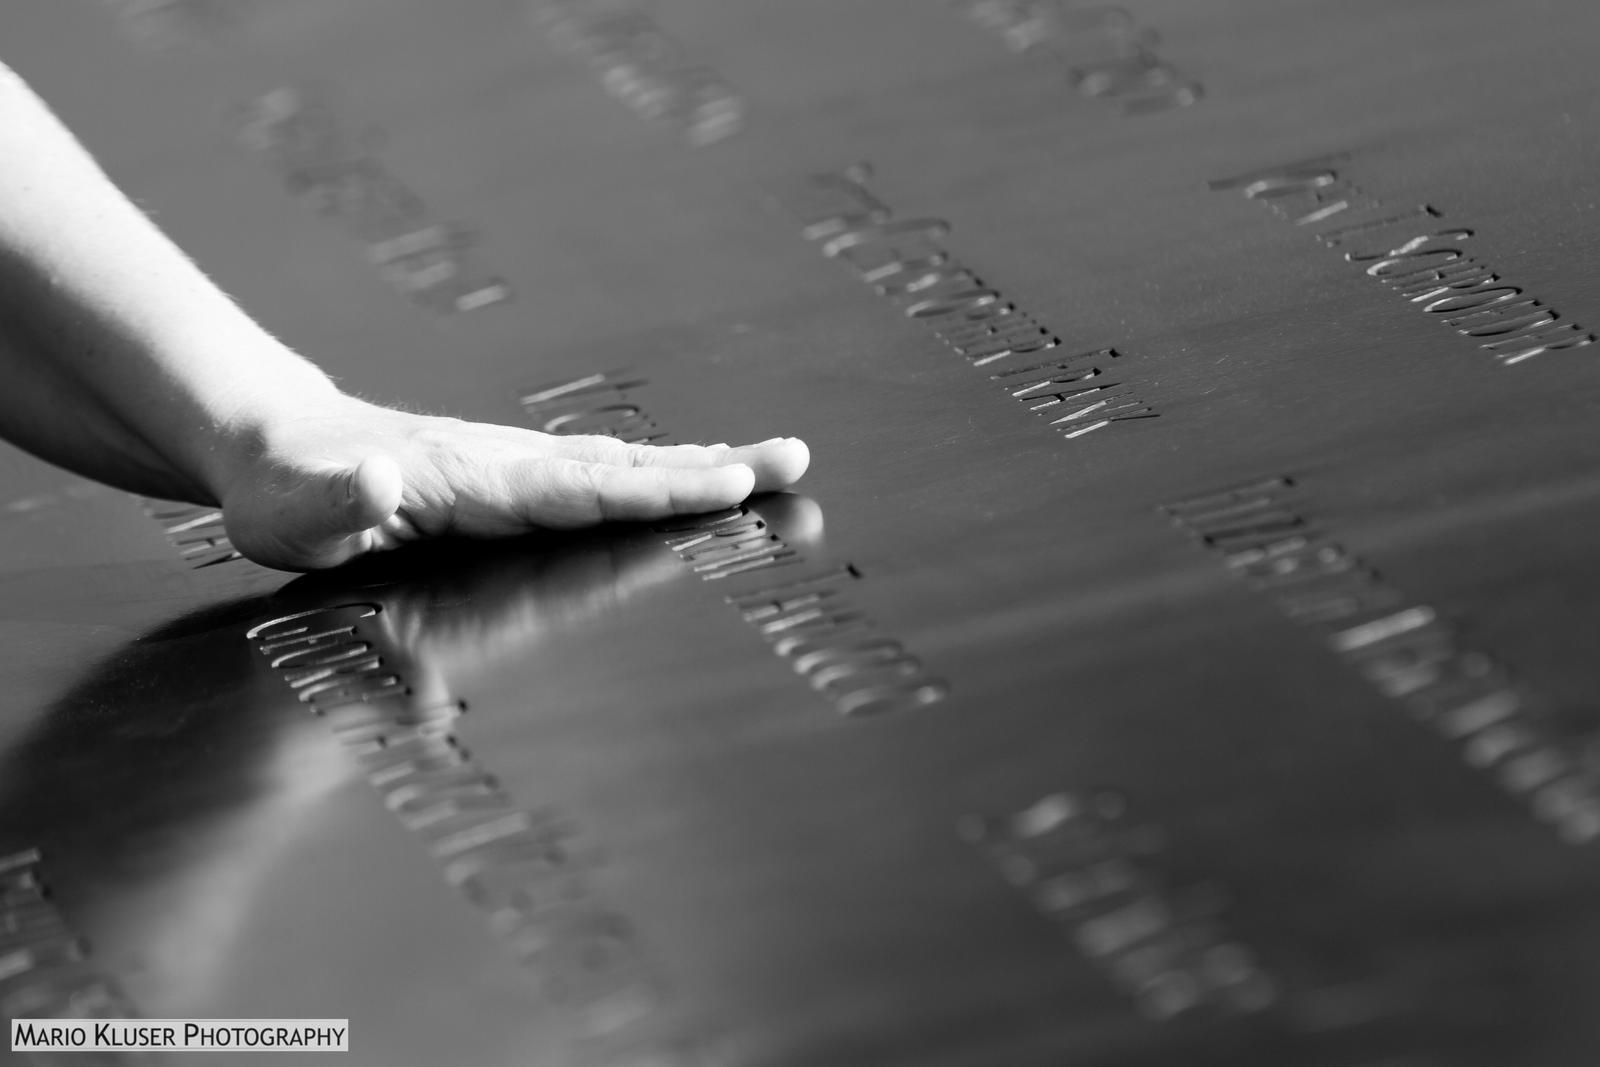 9/11 Memorial Pool - 5